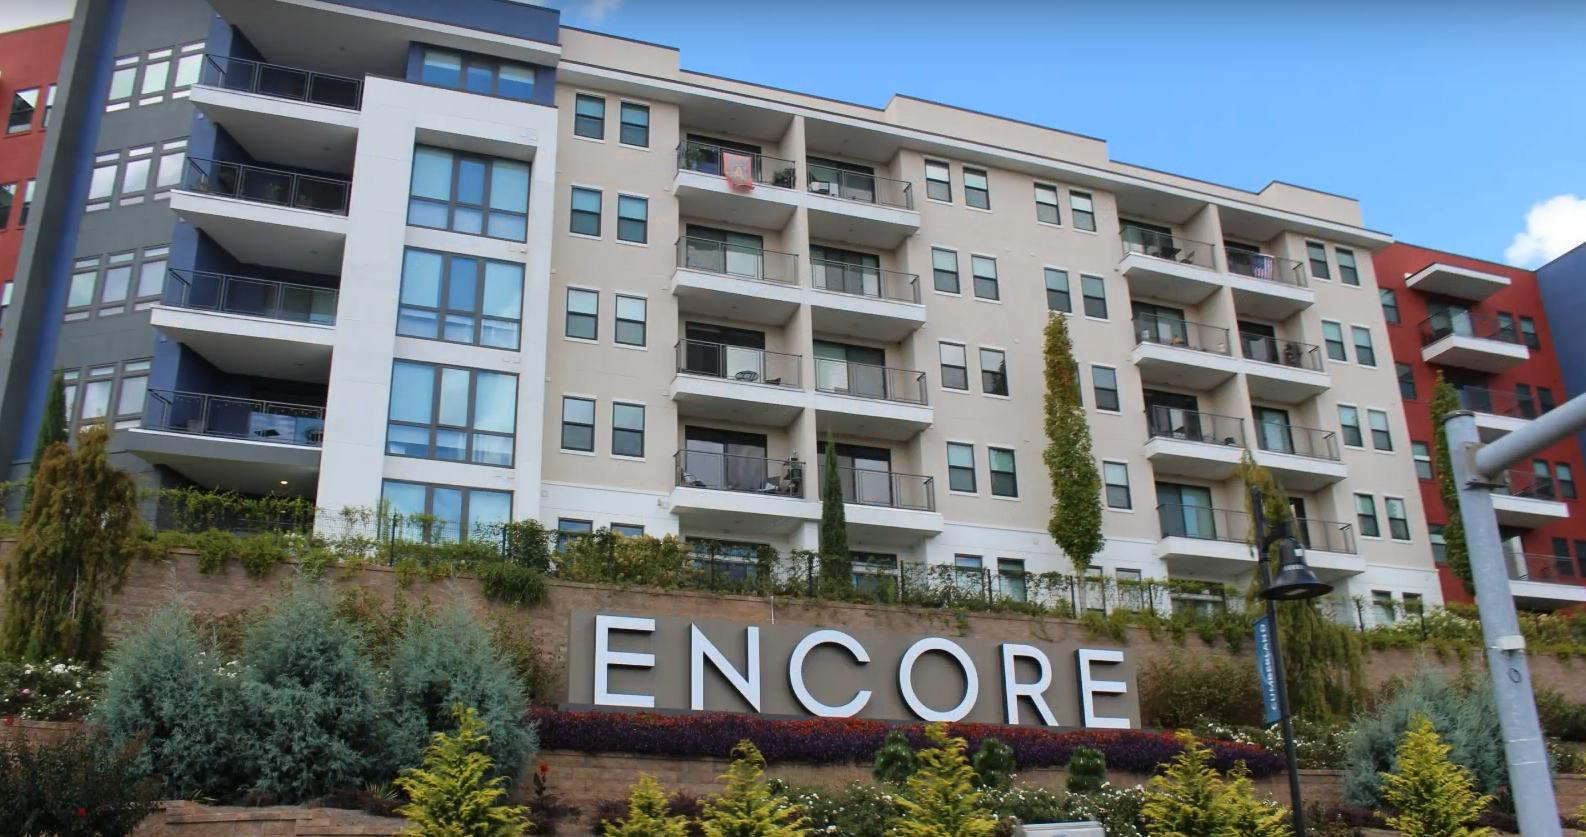 Encore Atlanta